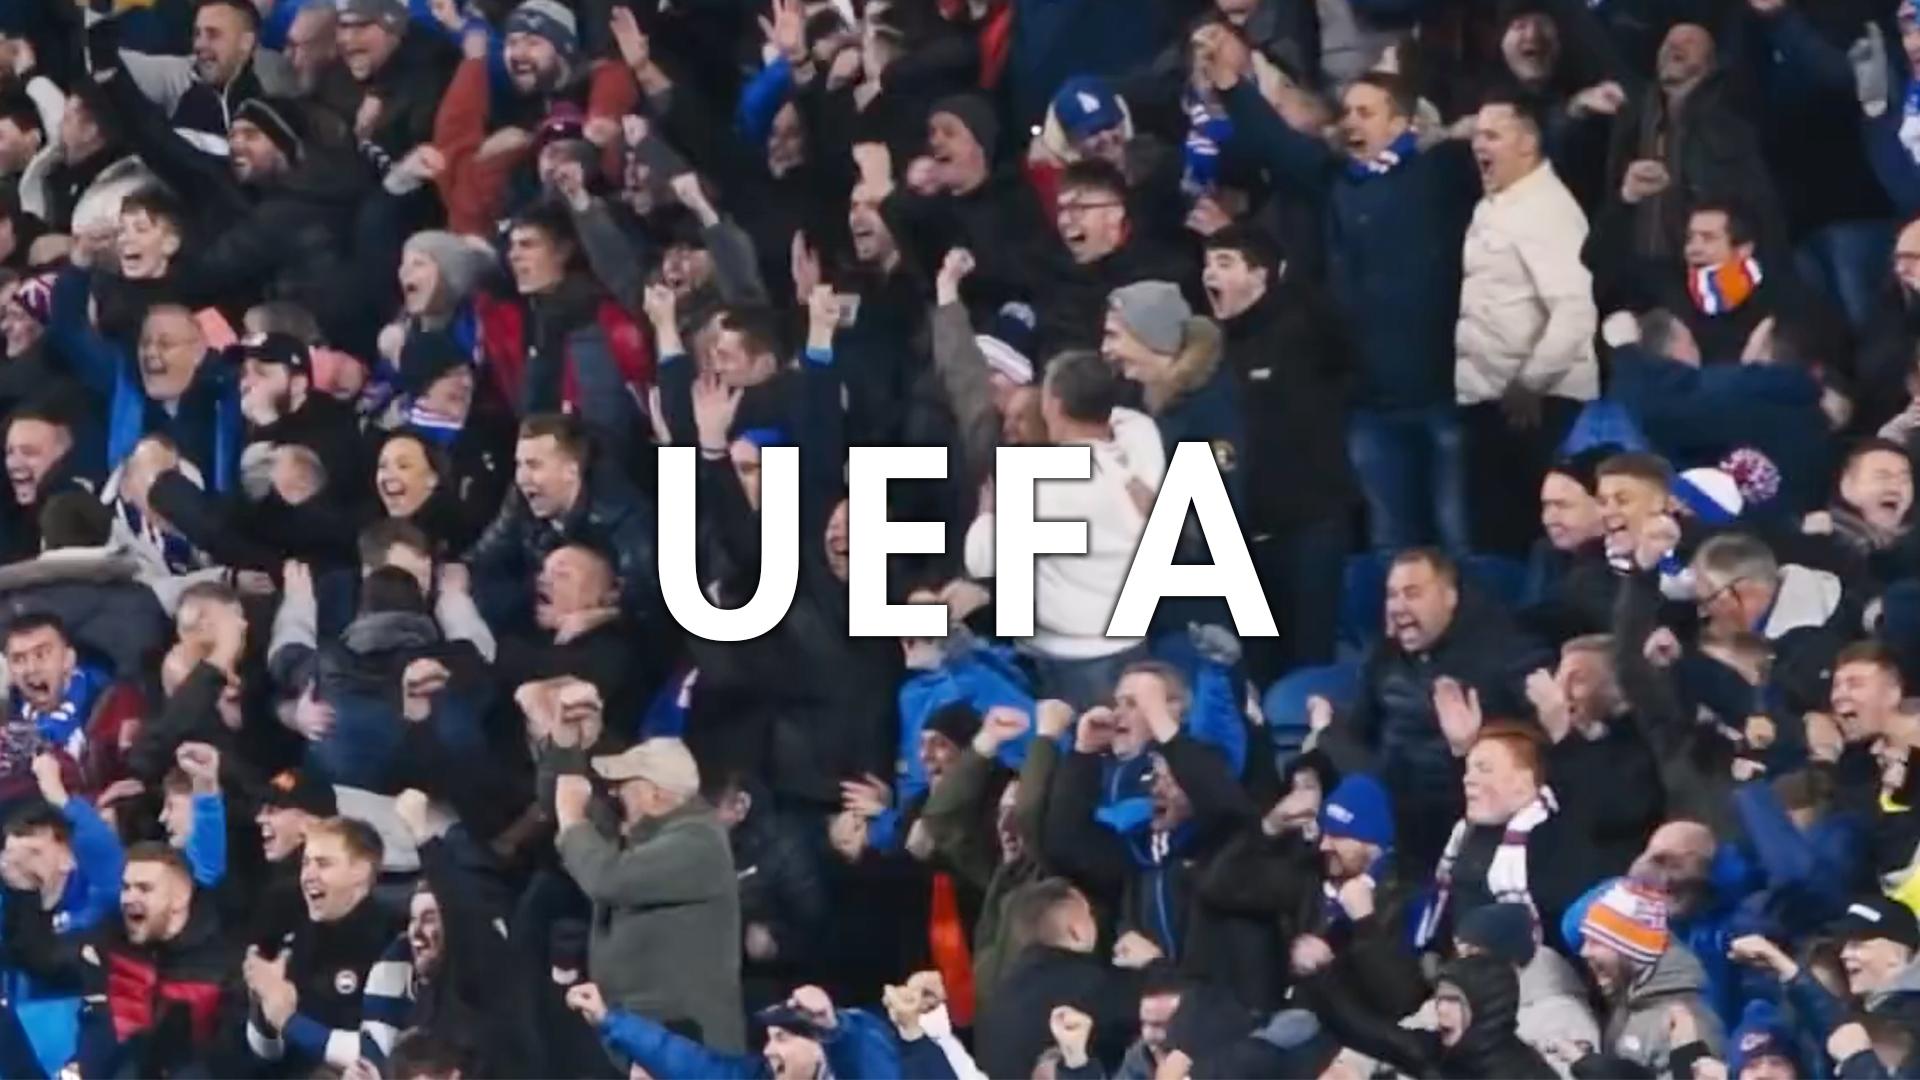 UEFA - Europa League vs Manny